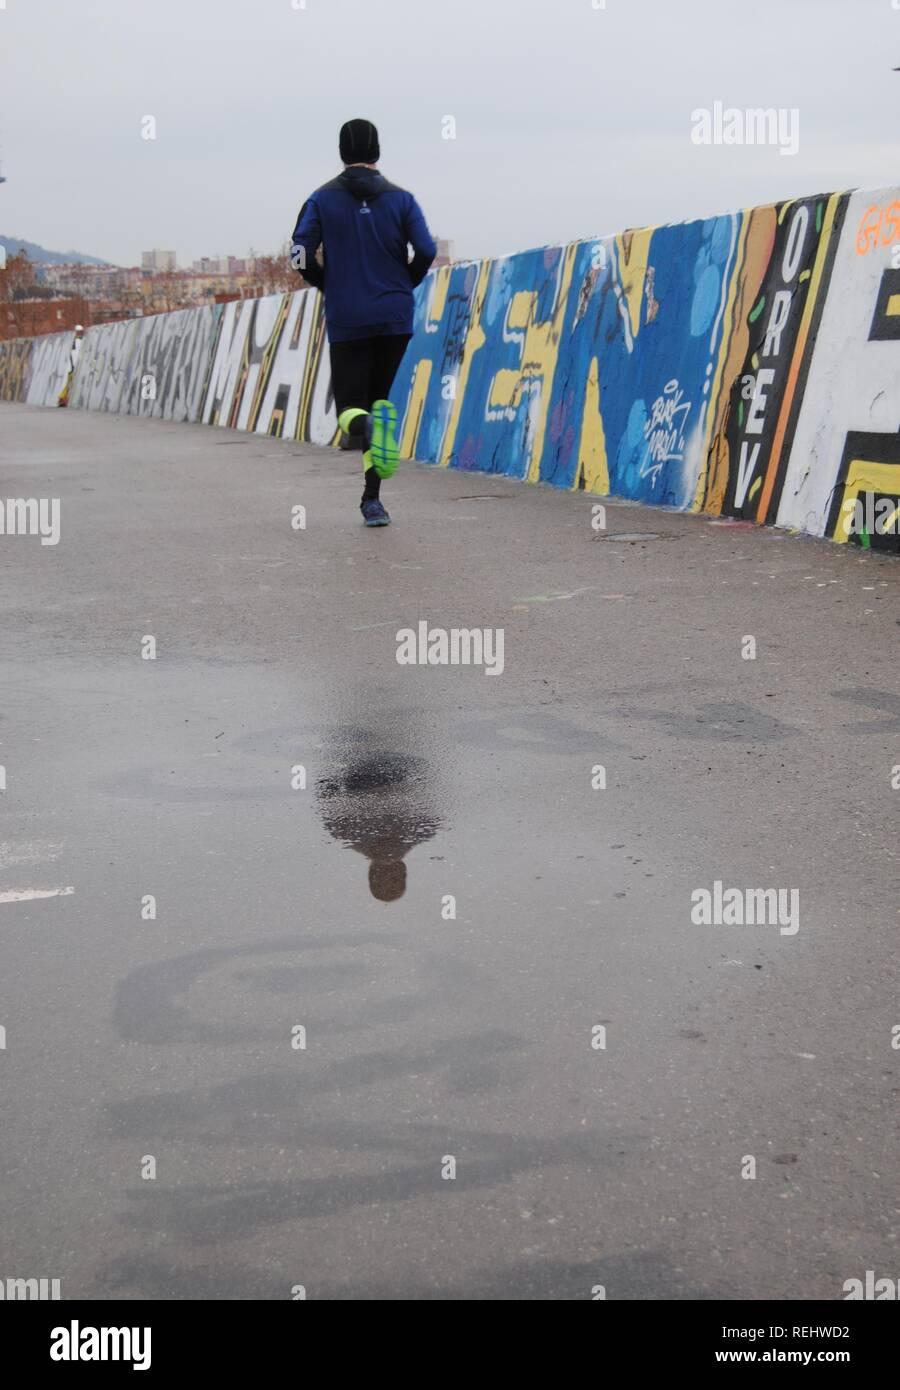 Ejecutando y rainig Imagen De Stock